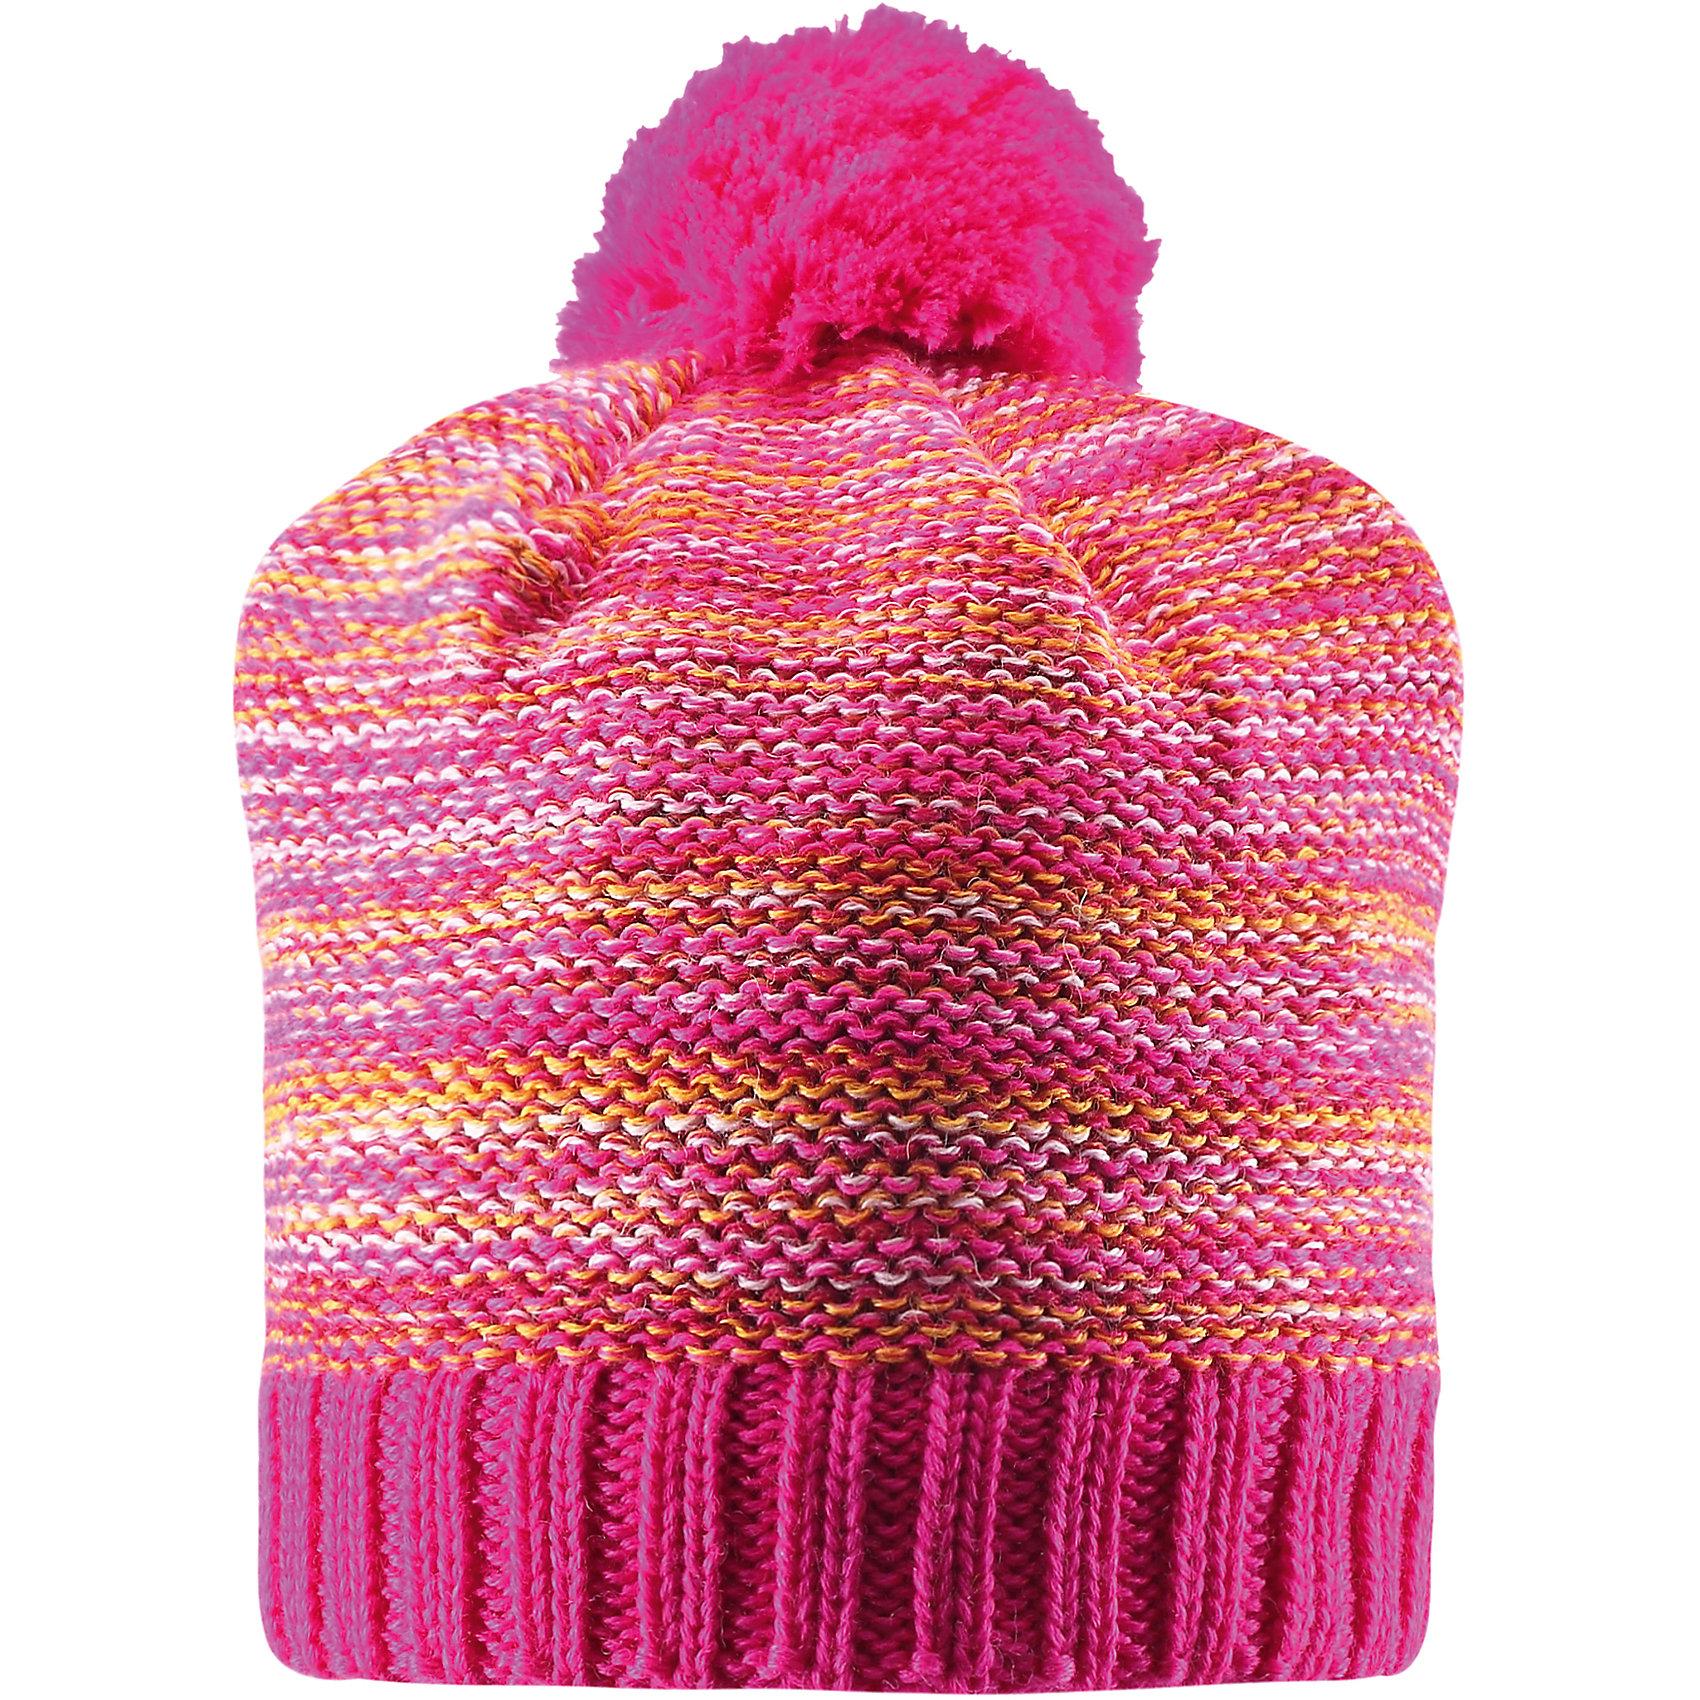 Шапка для девочки LASSIE by ReimaШапка для девочки от финской марки LASSIE by Reima (Ласси от Рейма).<br>Полушерстяная утепленная зимняя шапка . Ветронепроницаемые вставки в области ушей. Утеплитель флис . <br><br>Дополнительная информация:<br><br>Температурный режим -15<br>Состав: 50% Шерсть, 50% ПАН<br><br>Шапку для девочки LASSIE by Reima (Ласси от Рейма) можно купить в нашем магазине.<br><br>Ширина мм: 89<br>Глубина мм: 117<br>Высота мм: 44<br>Вес г: 155<br>Цвет: розовый<br>Возраст от месяцев: 12<br>Возраст до месяцев: 24<br>Пол: Женский<br>Возраст: Детский<br>Размер: 46-48,54-56,50-52<br>SKU: 4219168